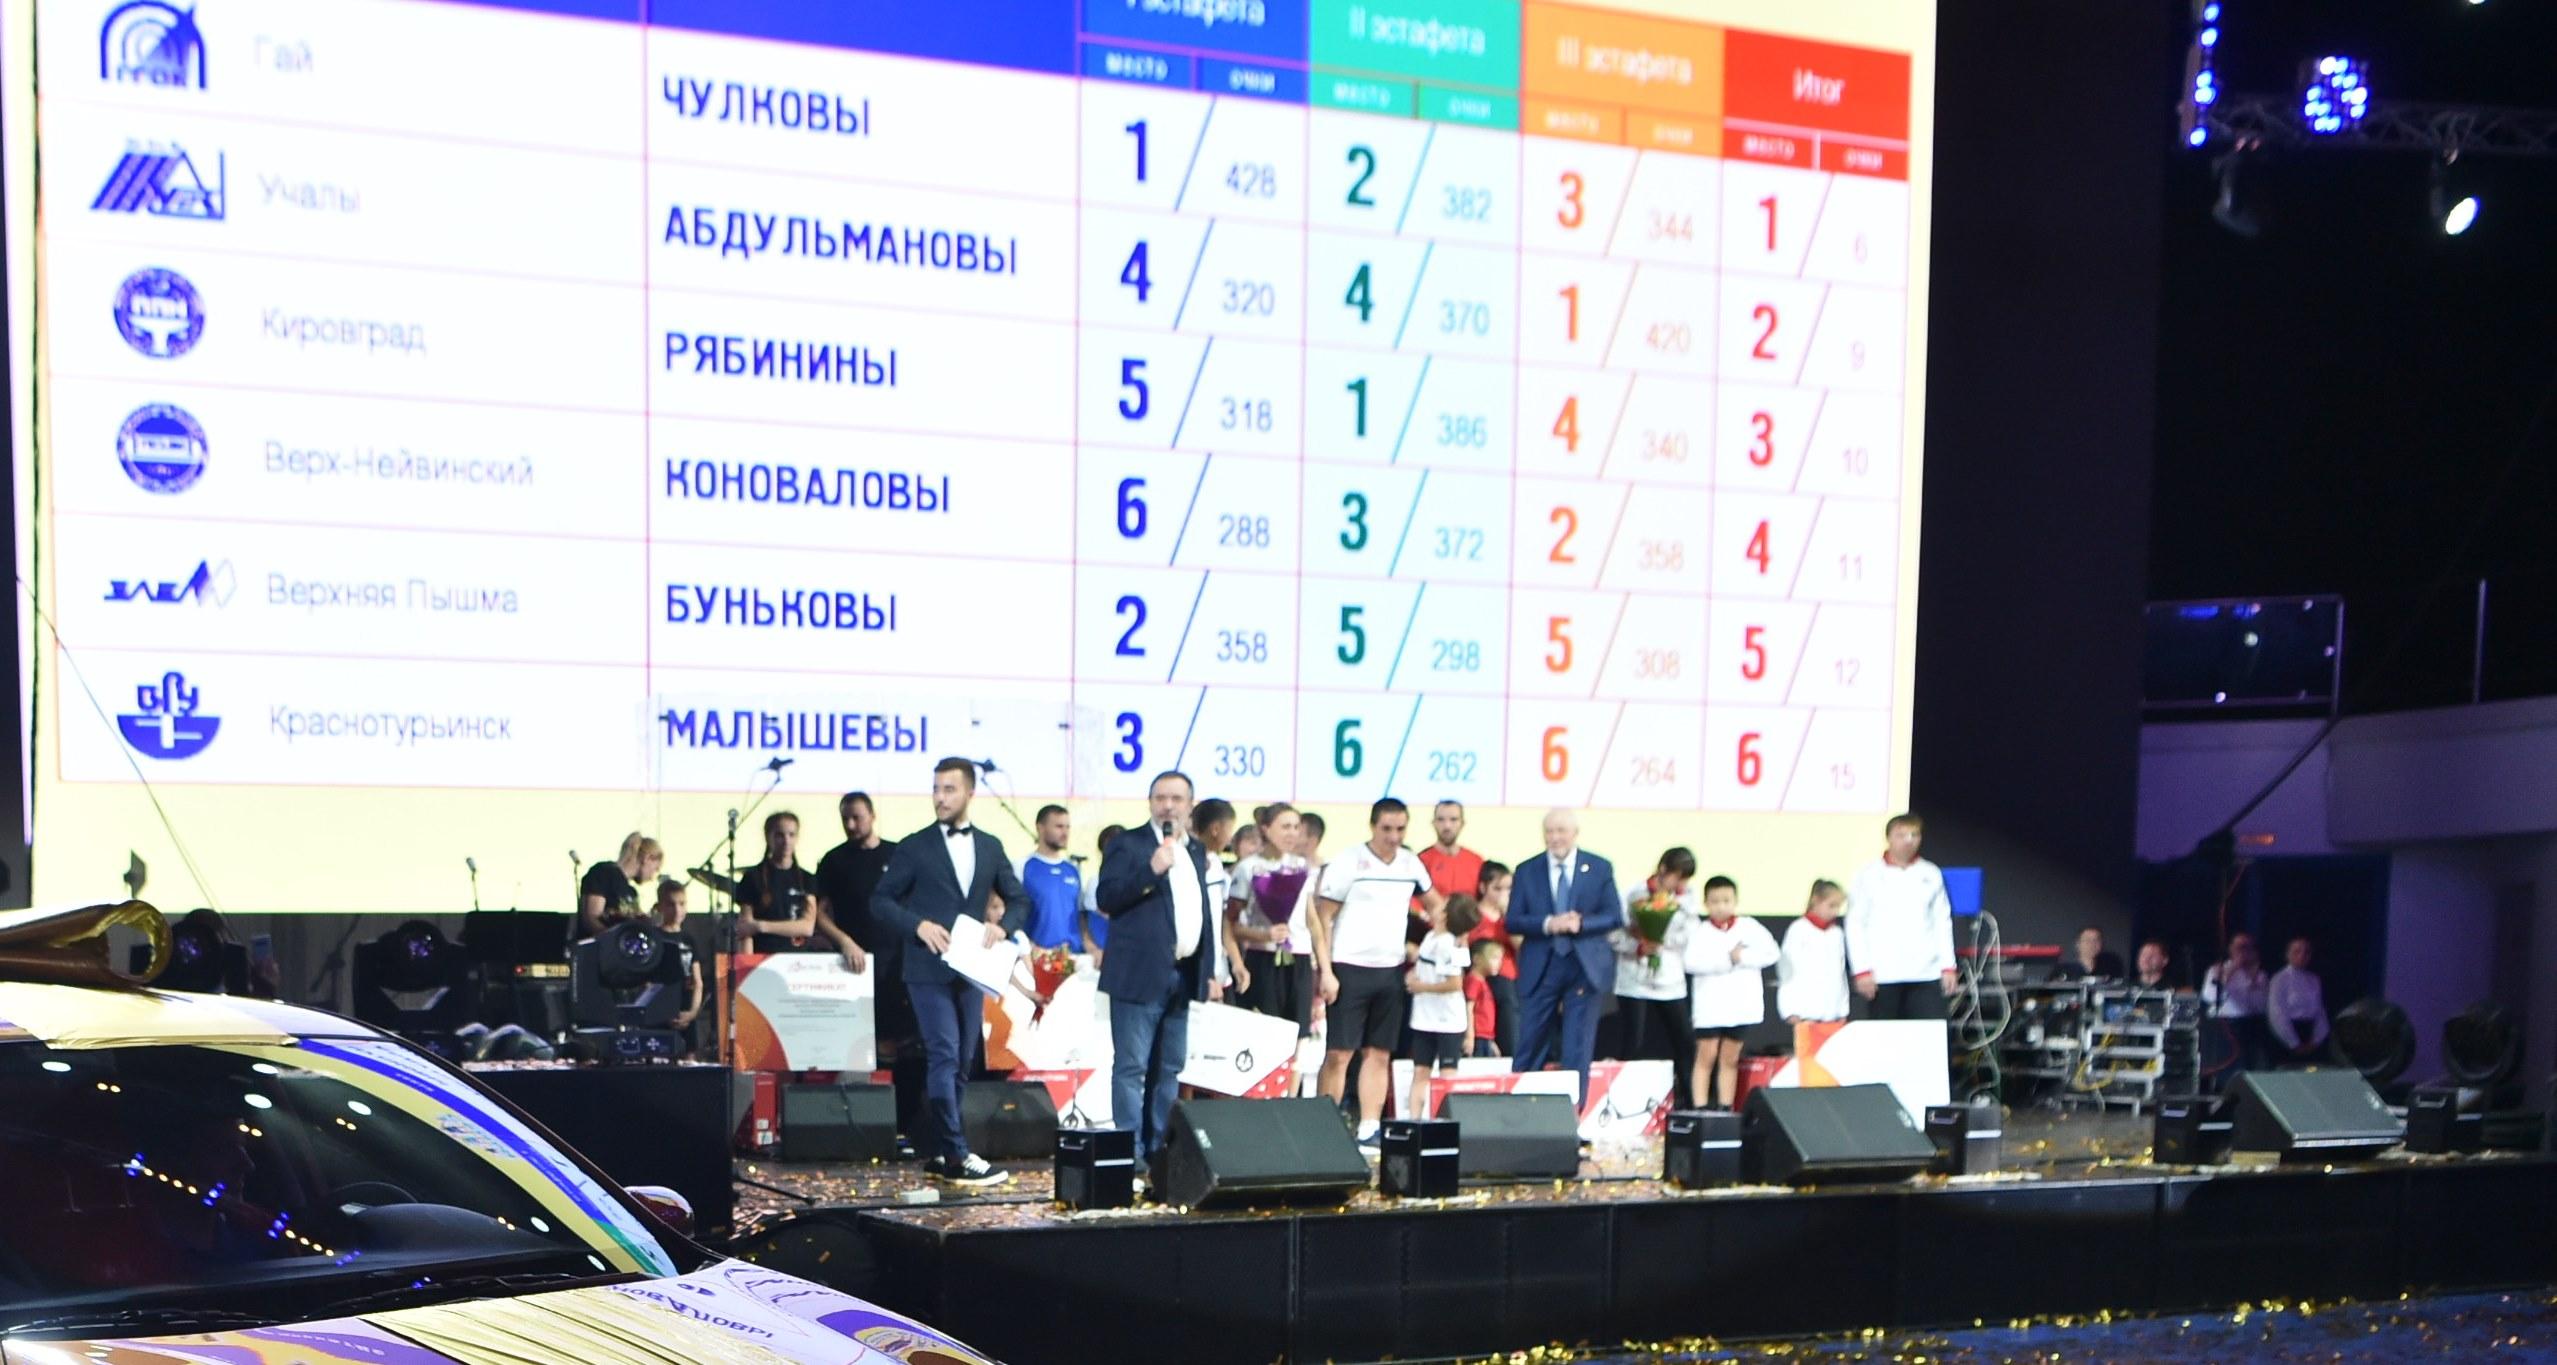 В Екатеринбурге состоялось праздничное шоу «Семь Я»   в честь 20-летия Уральской горно-металлургической компании